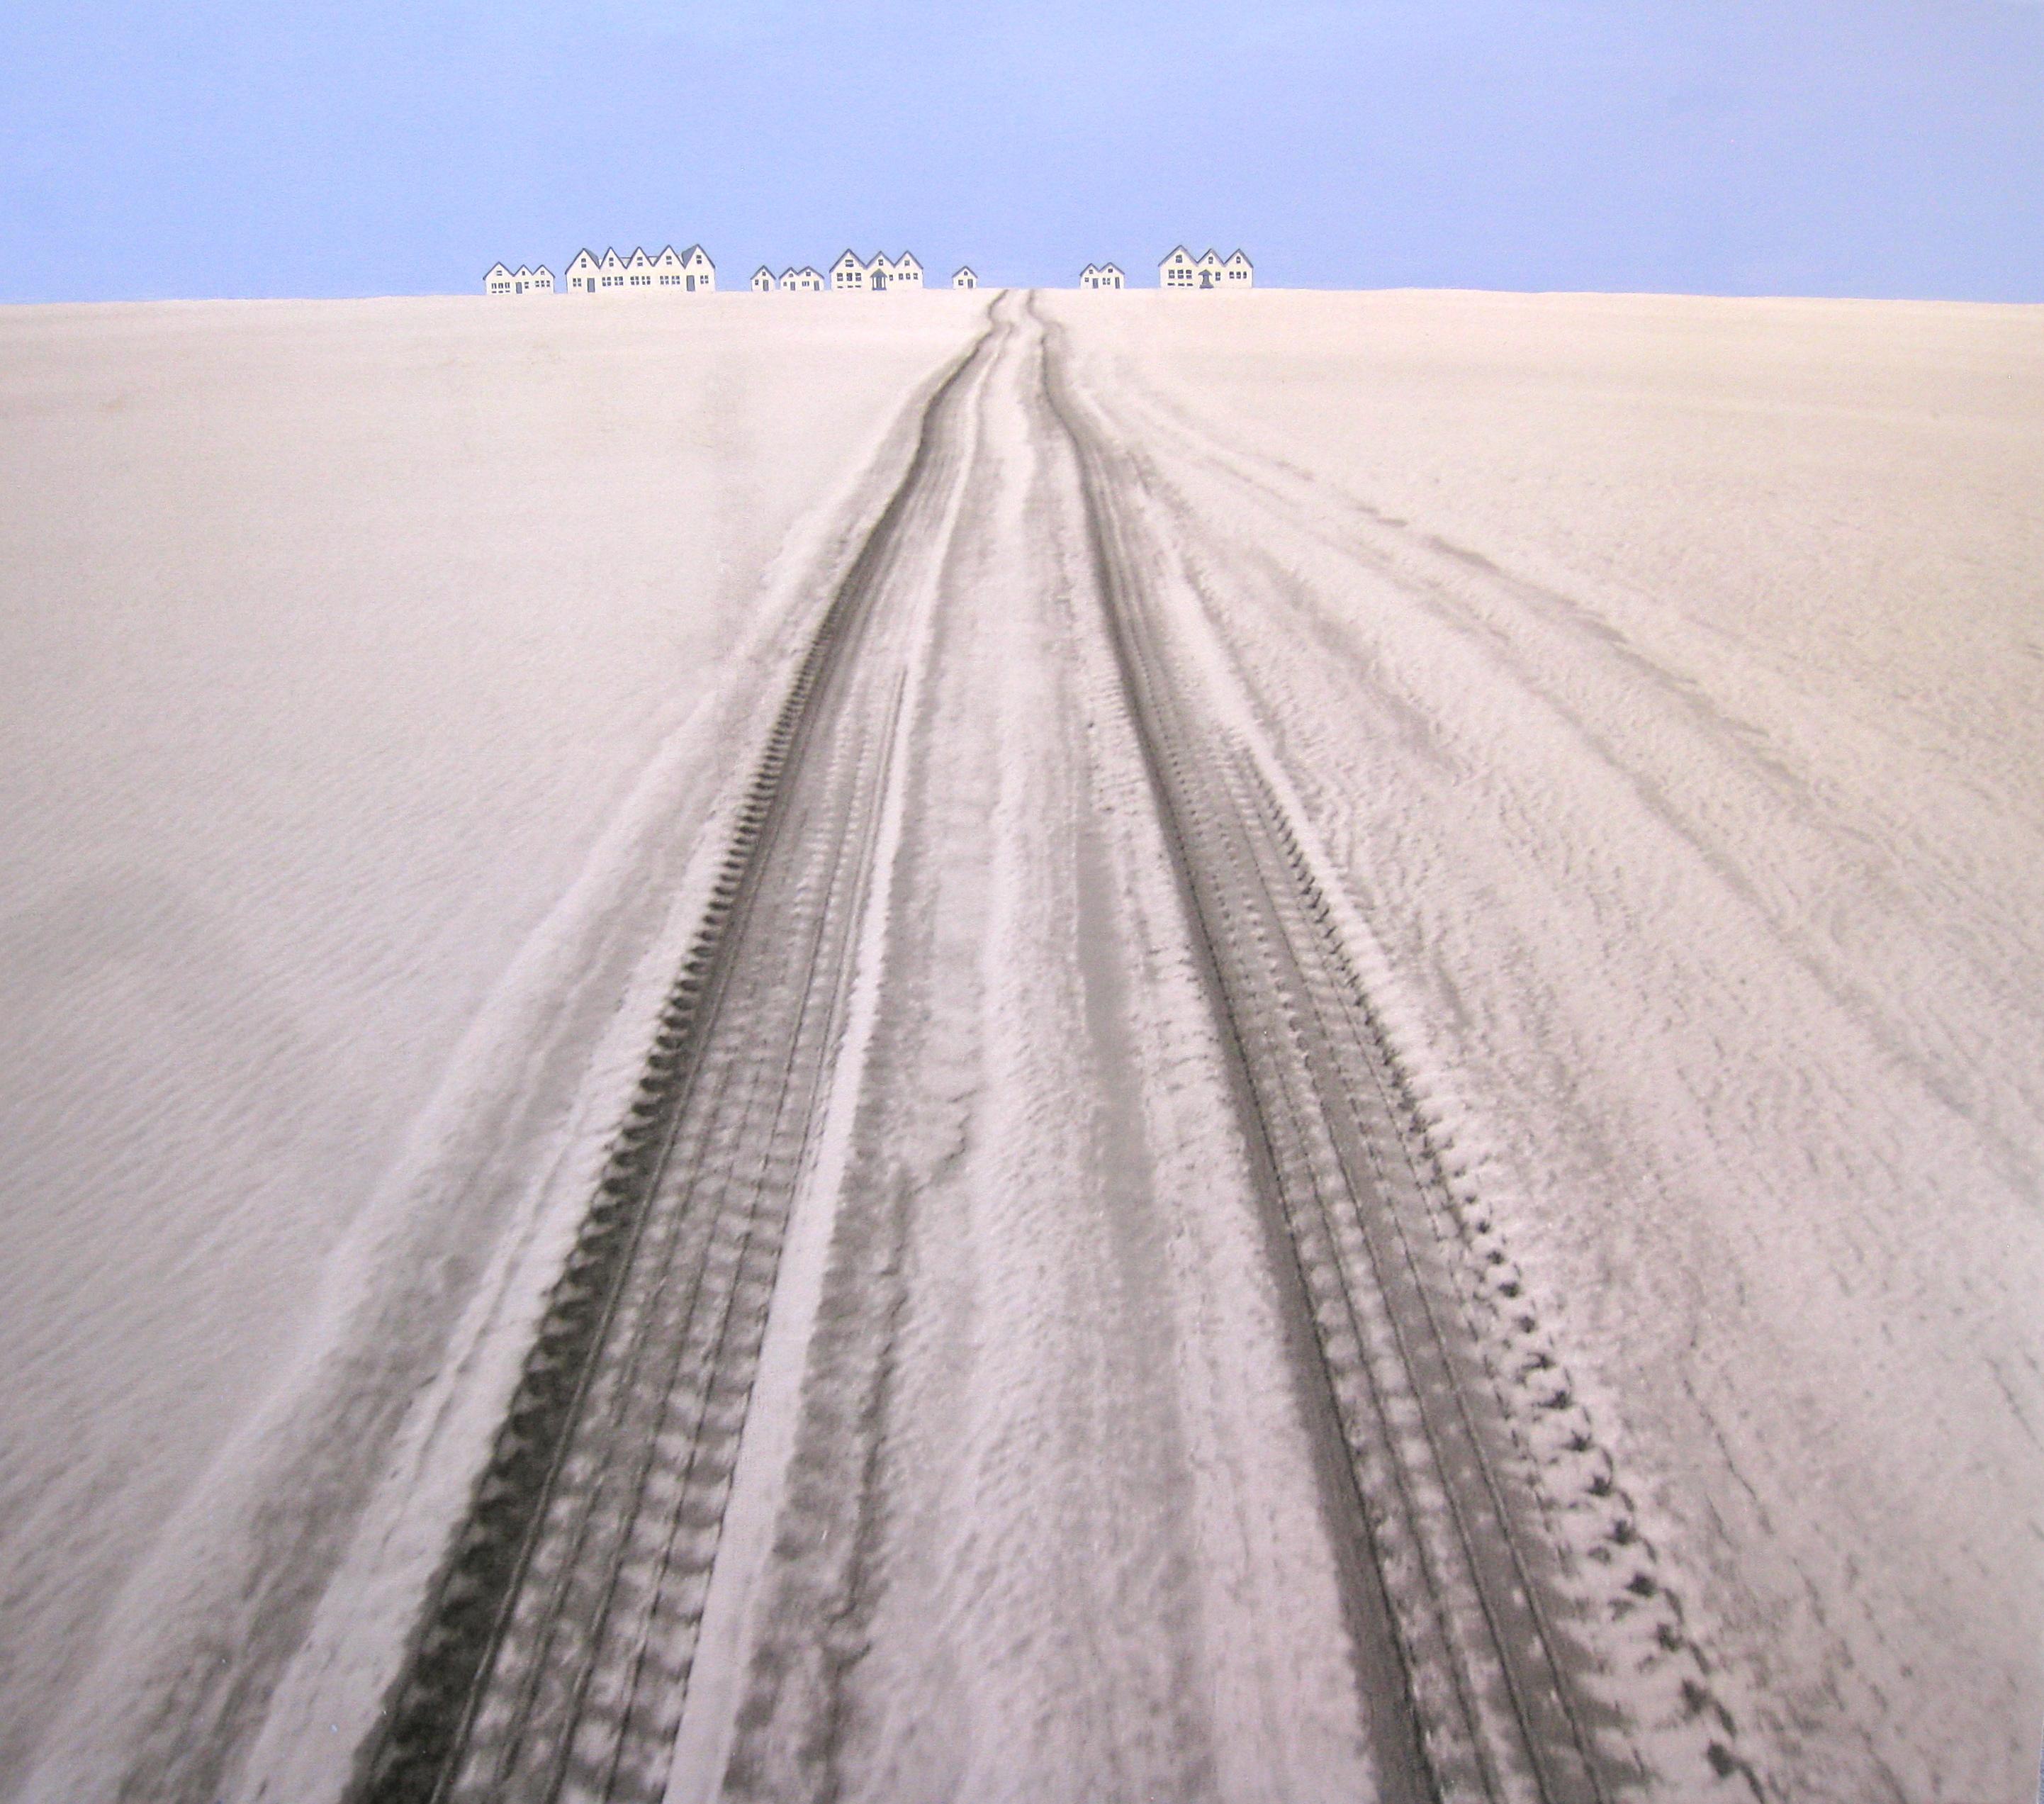 Jacqueline Moses 13 Iceland-Ingolfshofdi Black Sand Beach (2)